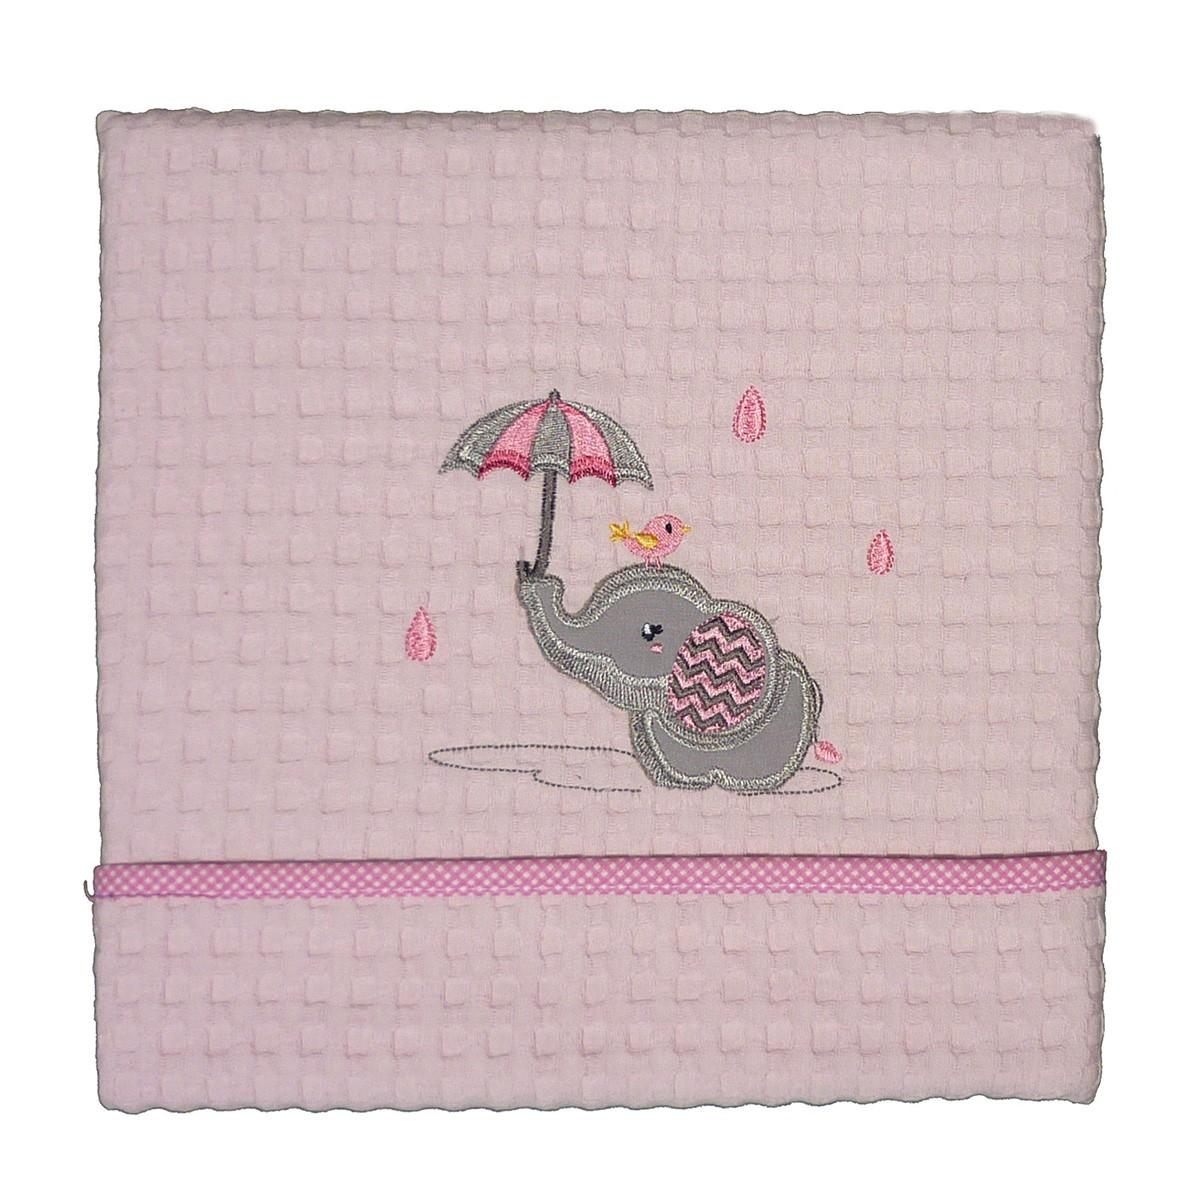 Κουβέρτα Πικέ Αγκαλιάς Morven Rainy Pink 1808/04 home   βρεφικά   κουβέρτες βρεφικές   κουβέρτες καλοκαιρινές